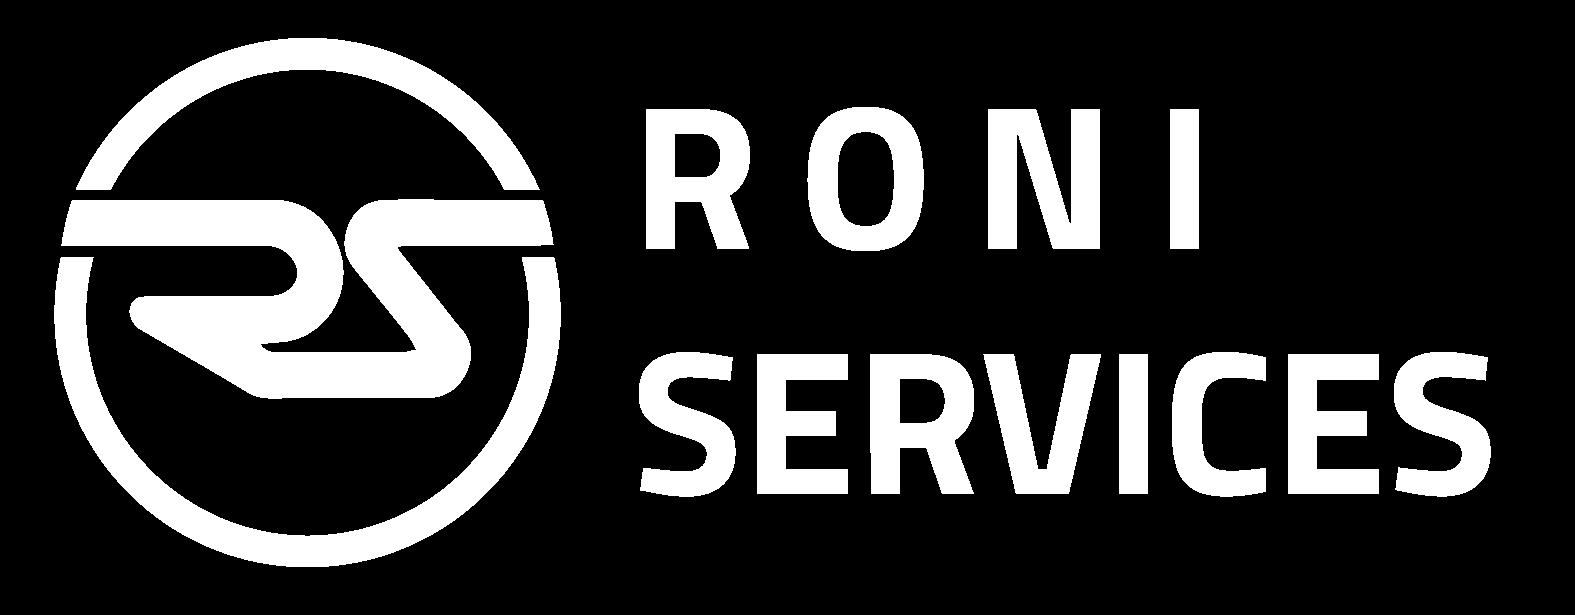 WhiteLogo-Roni